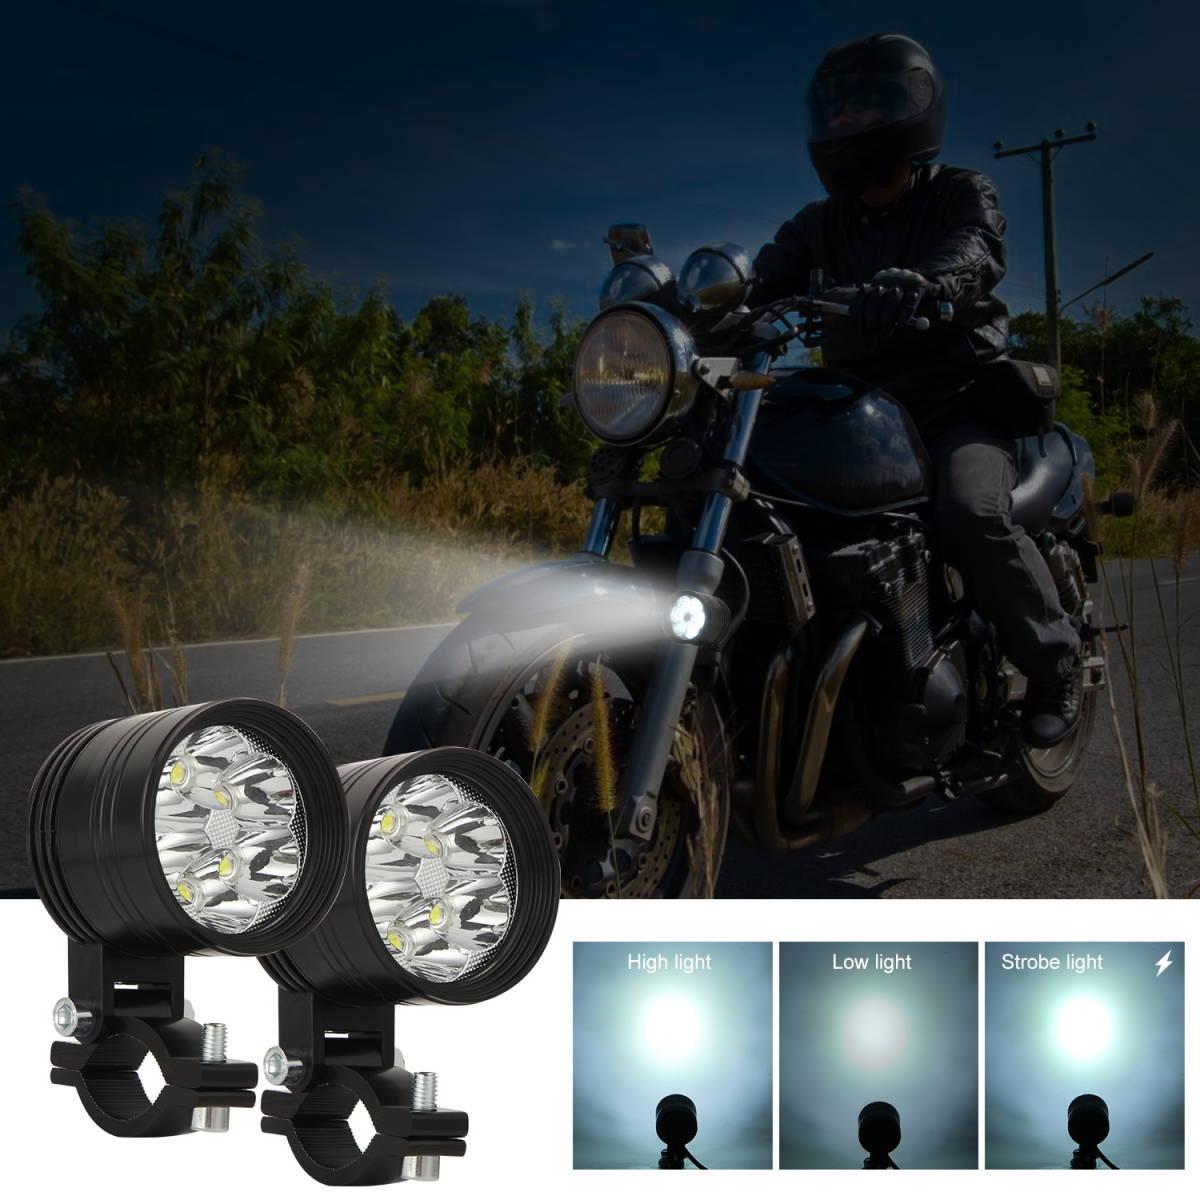 2個入り! オートバイ/バイク ヘッドライト 補助灯 6連 ledフォグランプ 作業灯 12V スポットライト プロジェクター ワークライト ホワイト_画像1